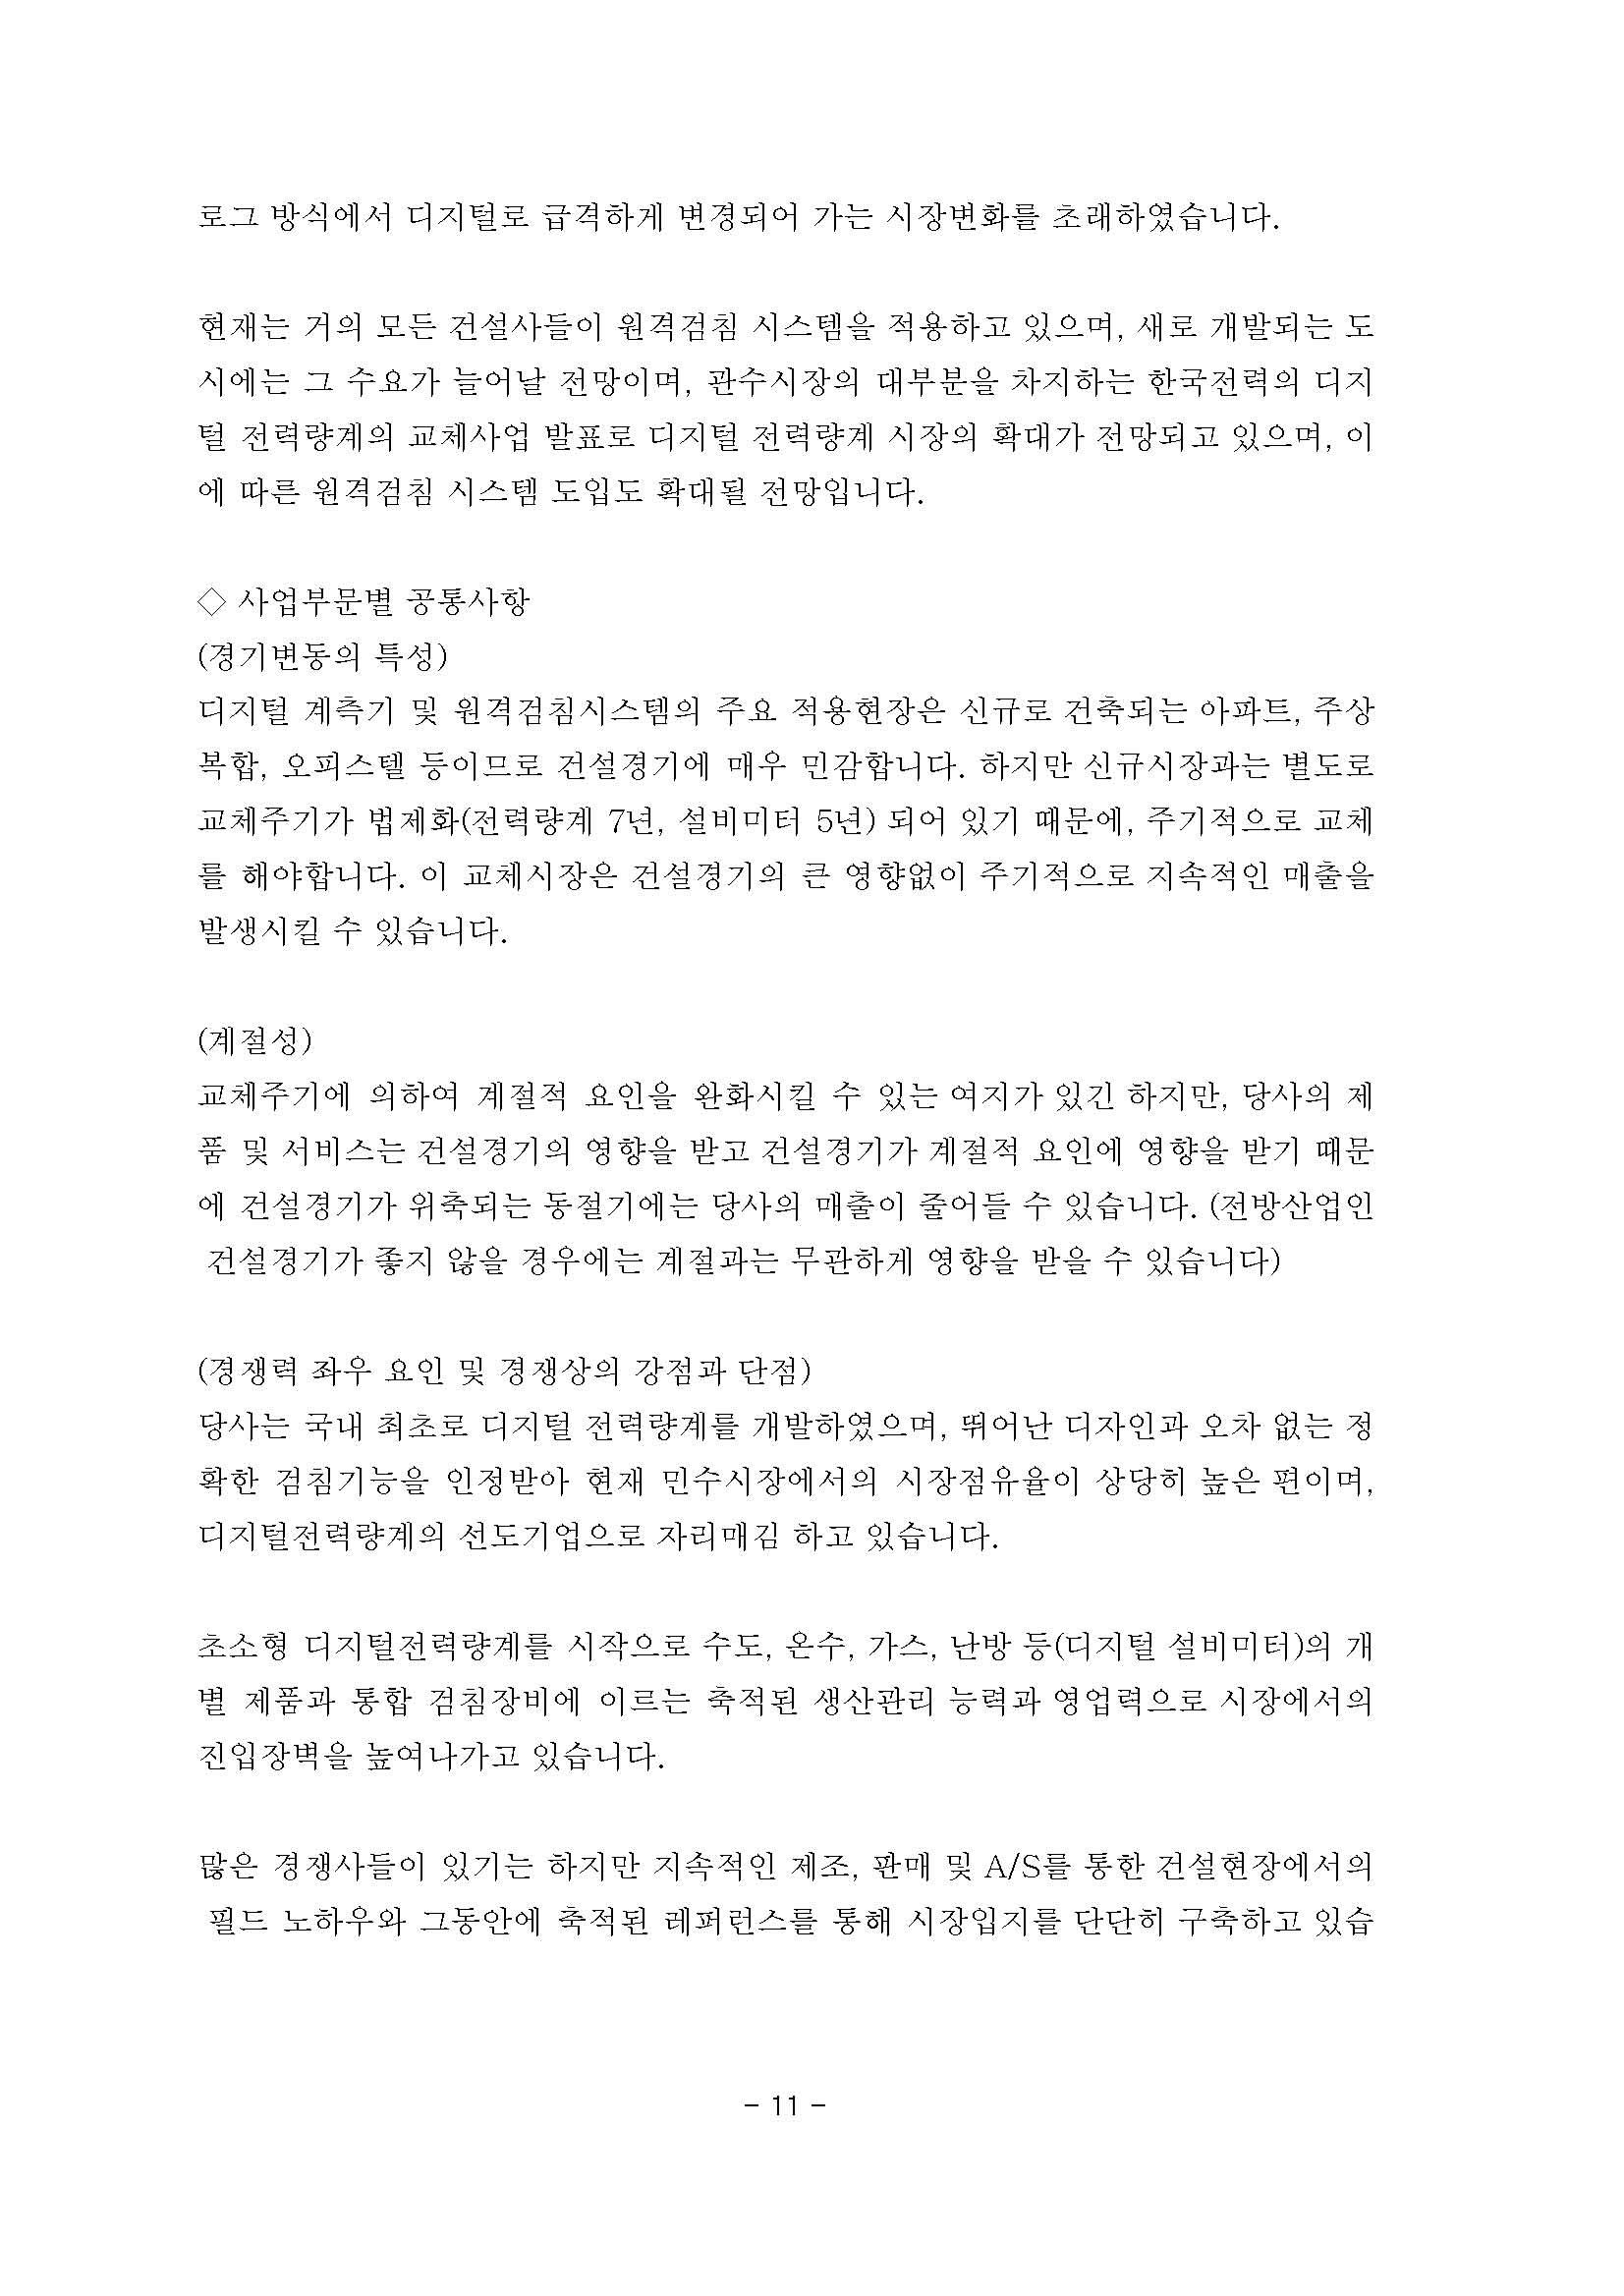 20180309 주주총회 소집공고-옴니시스템_페이지_12.jpg